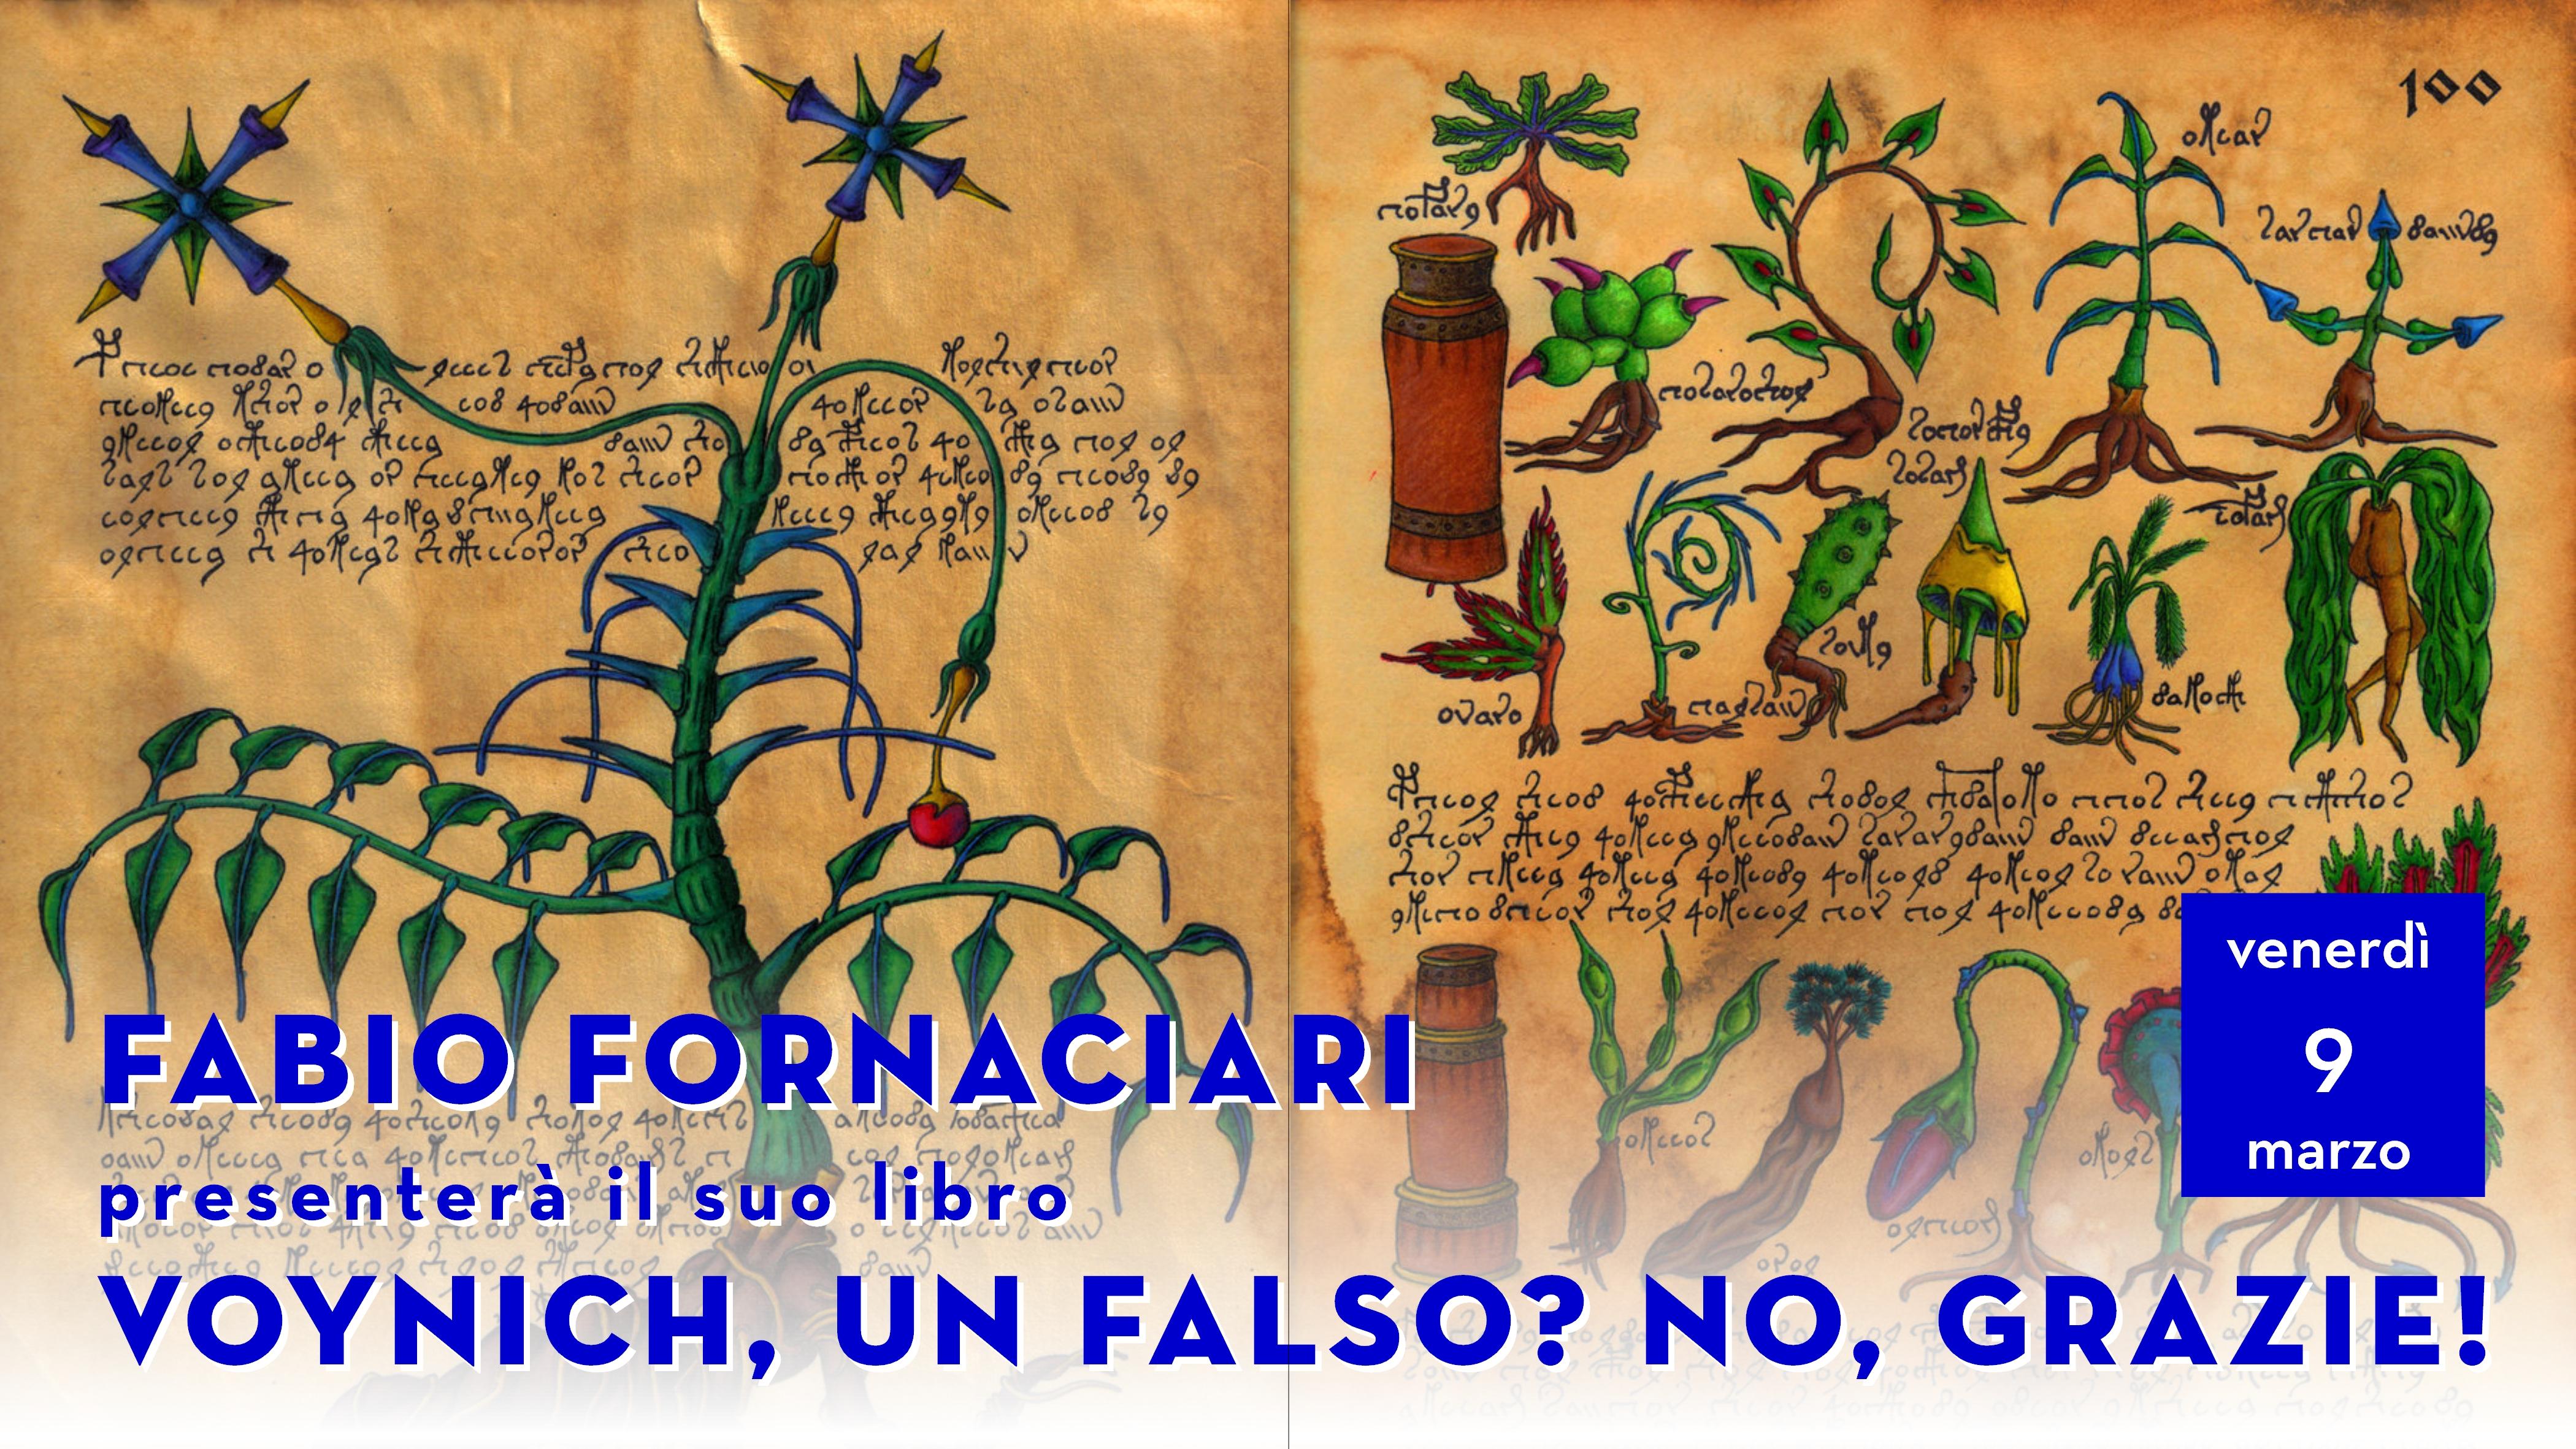 E0112_180309_FabioFornaciari_Voynich_XSOC